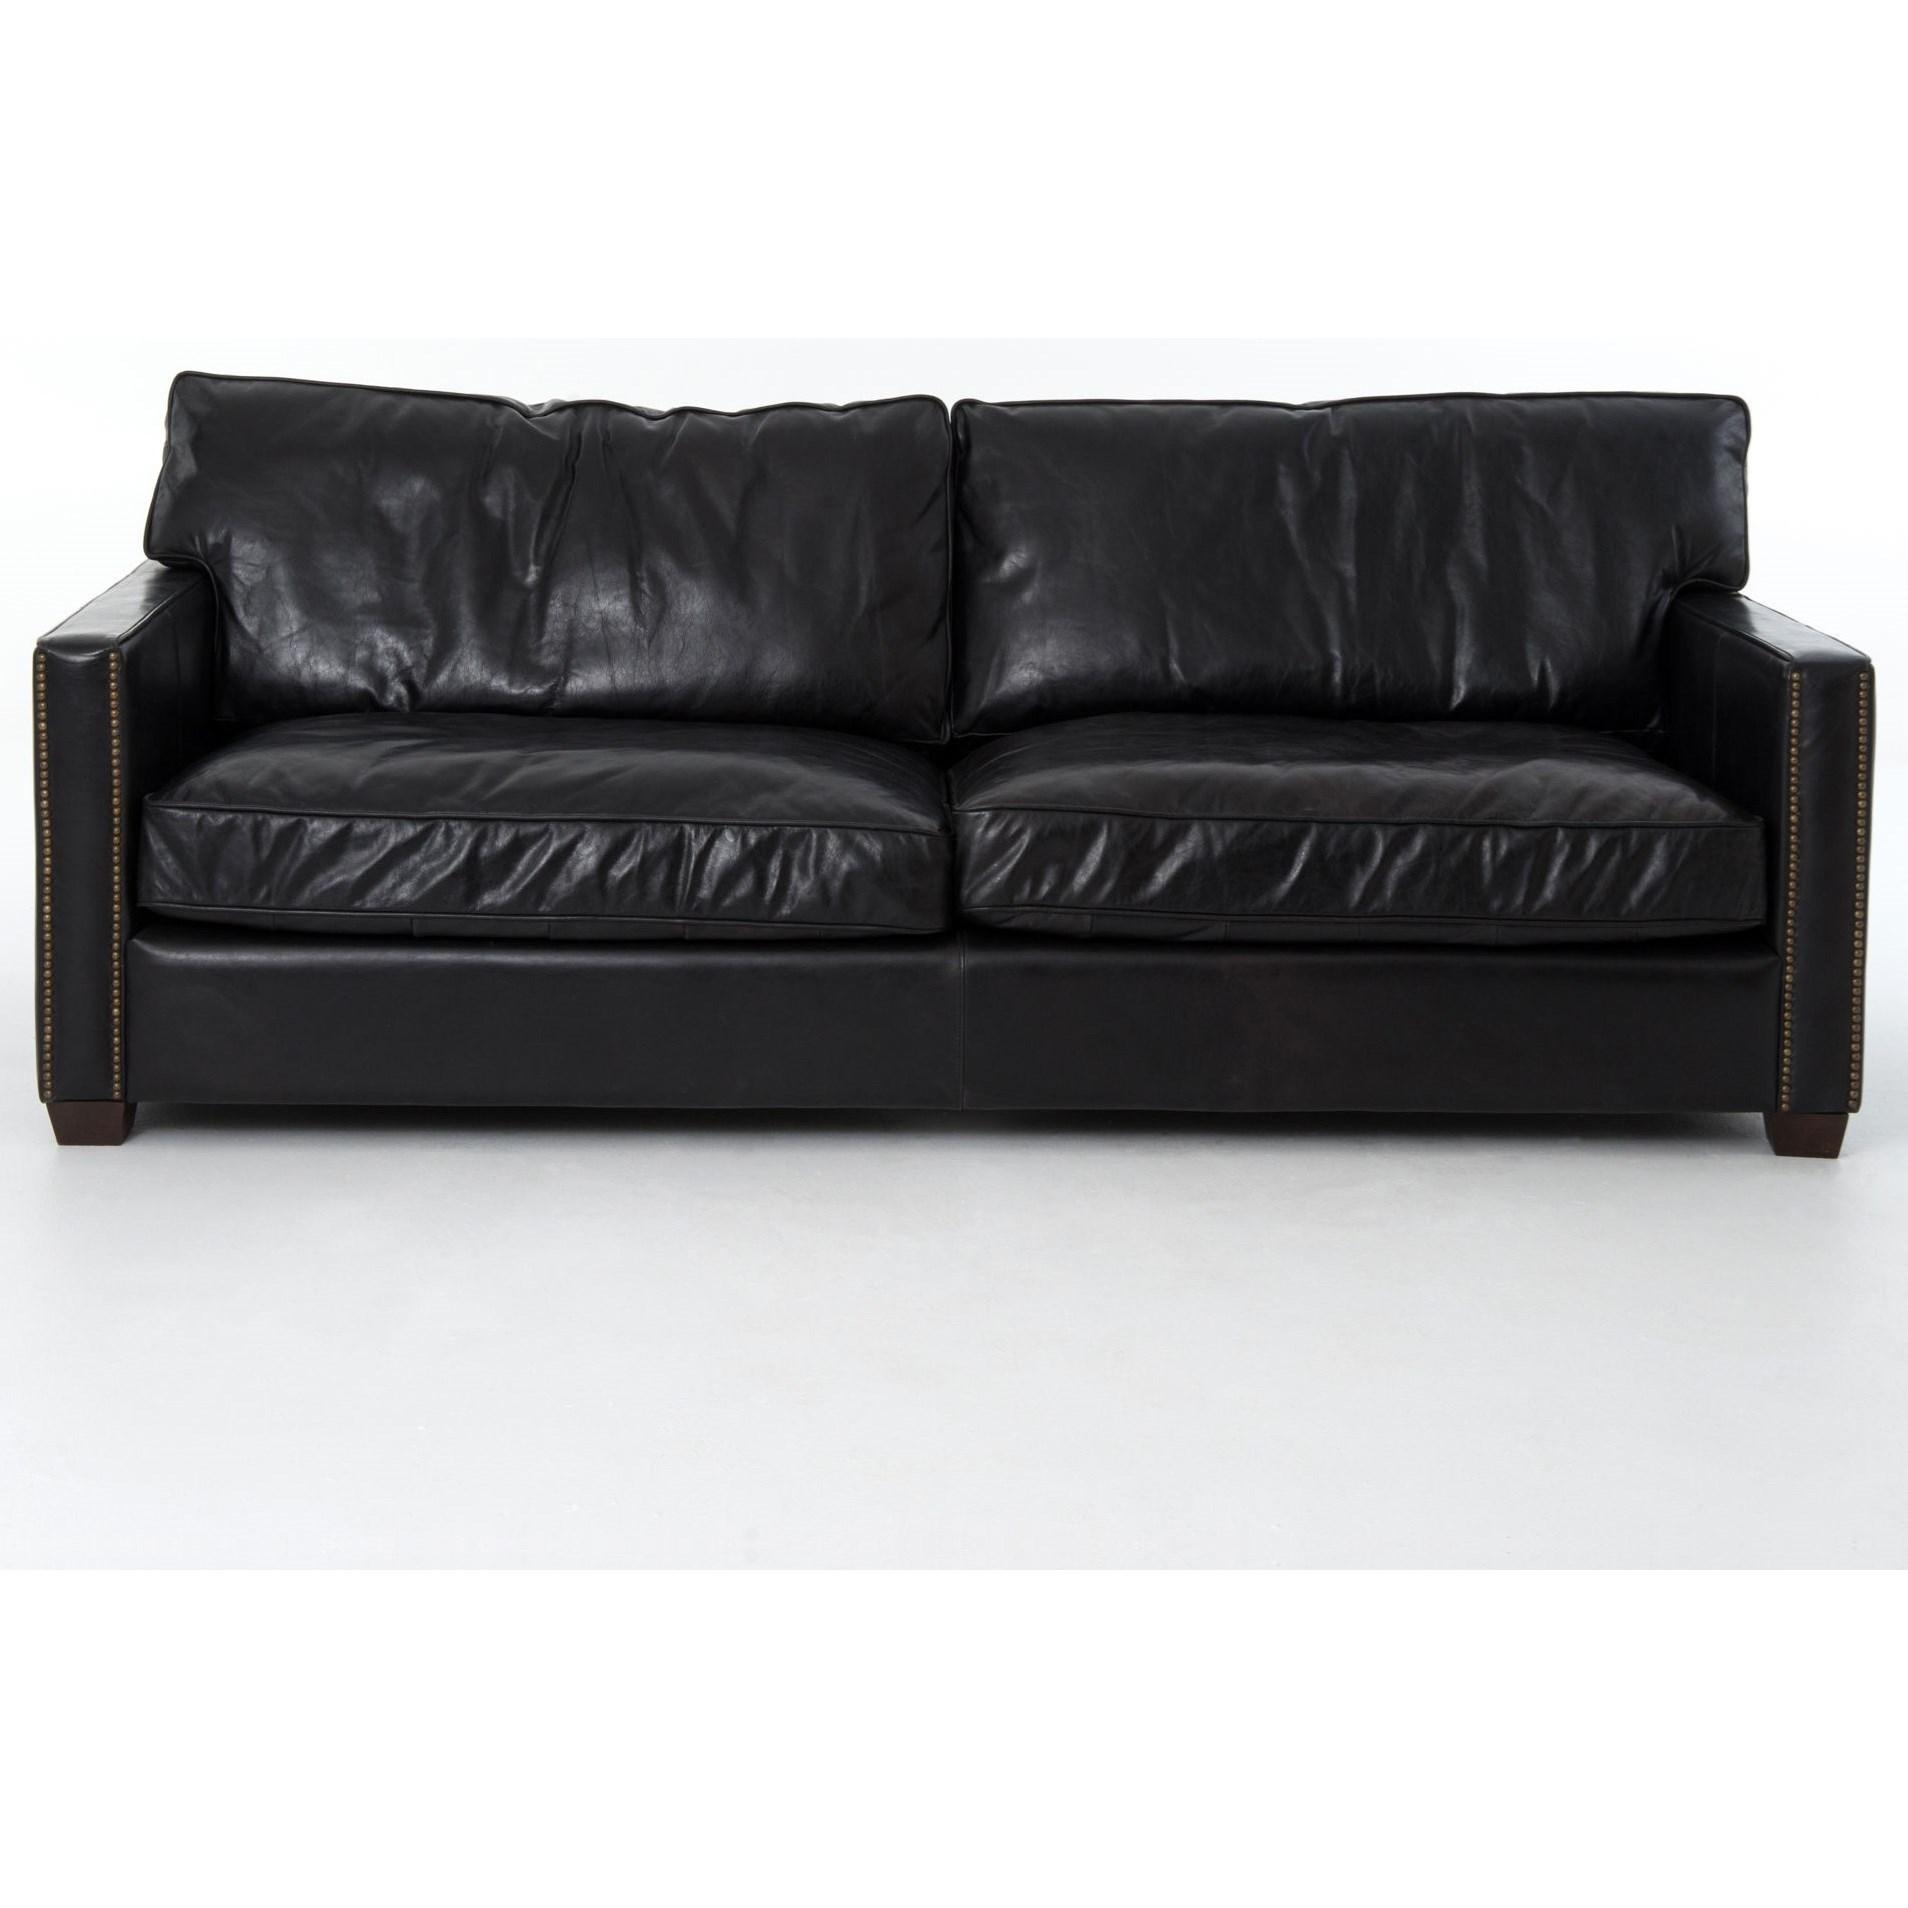 Four Hands Carnegie Larkin 88 Sofa With Old Saddle Black